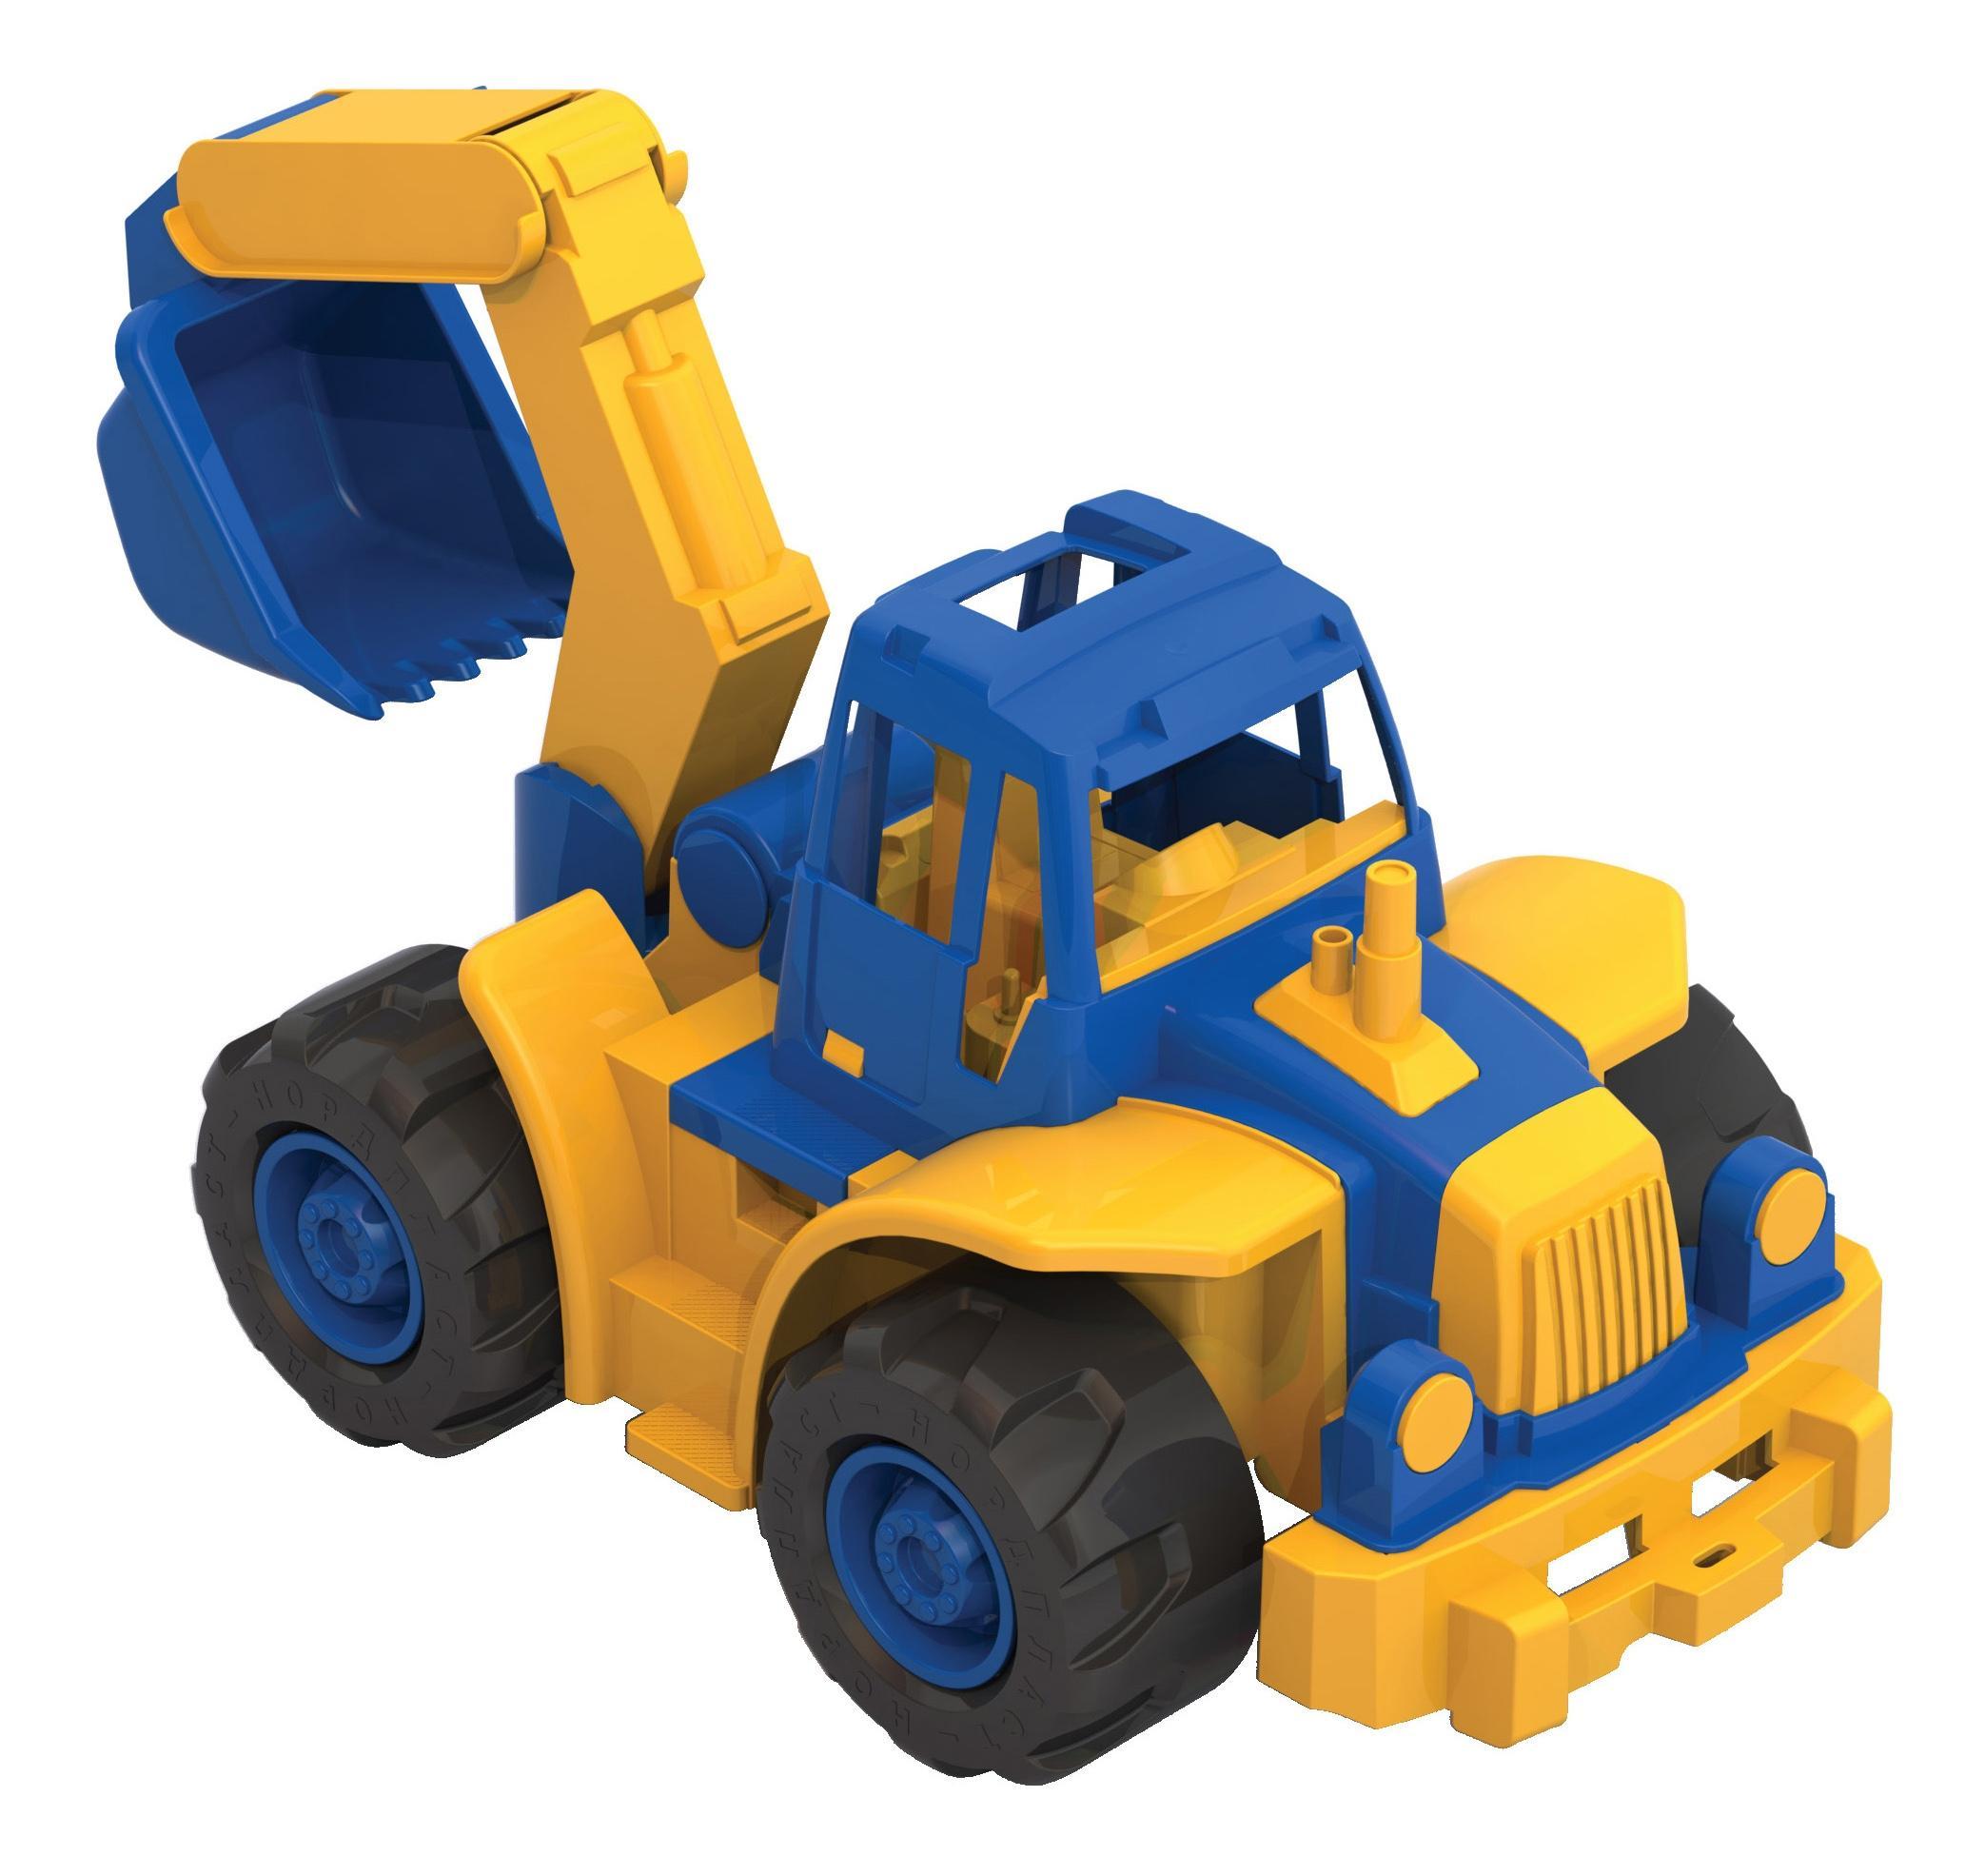 Купить 'Богатырь' мини с ковшом, Трактор Нордпласт Богатырь мини с ковшом, НОРДПЛАСТ,